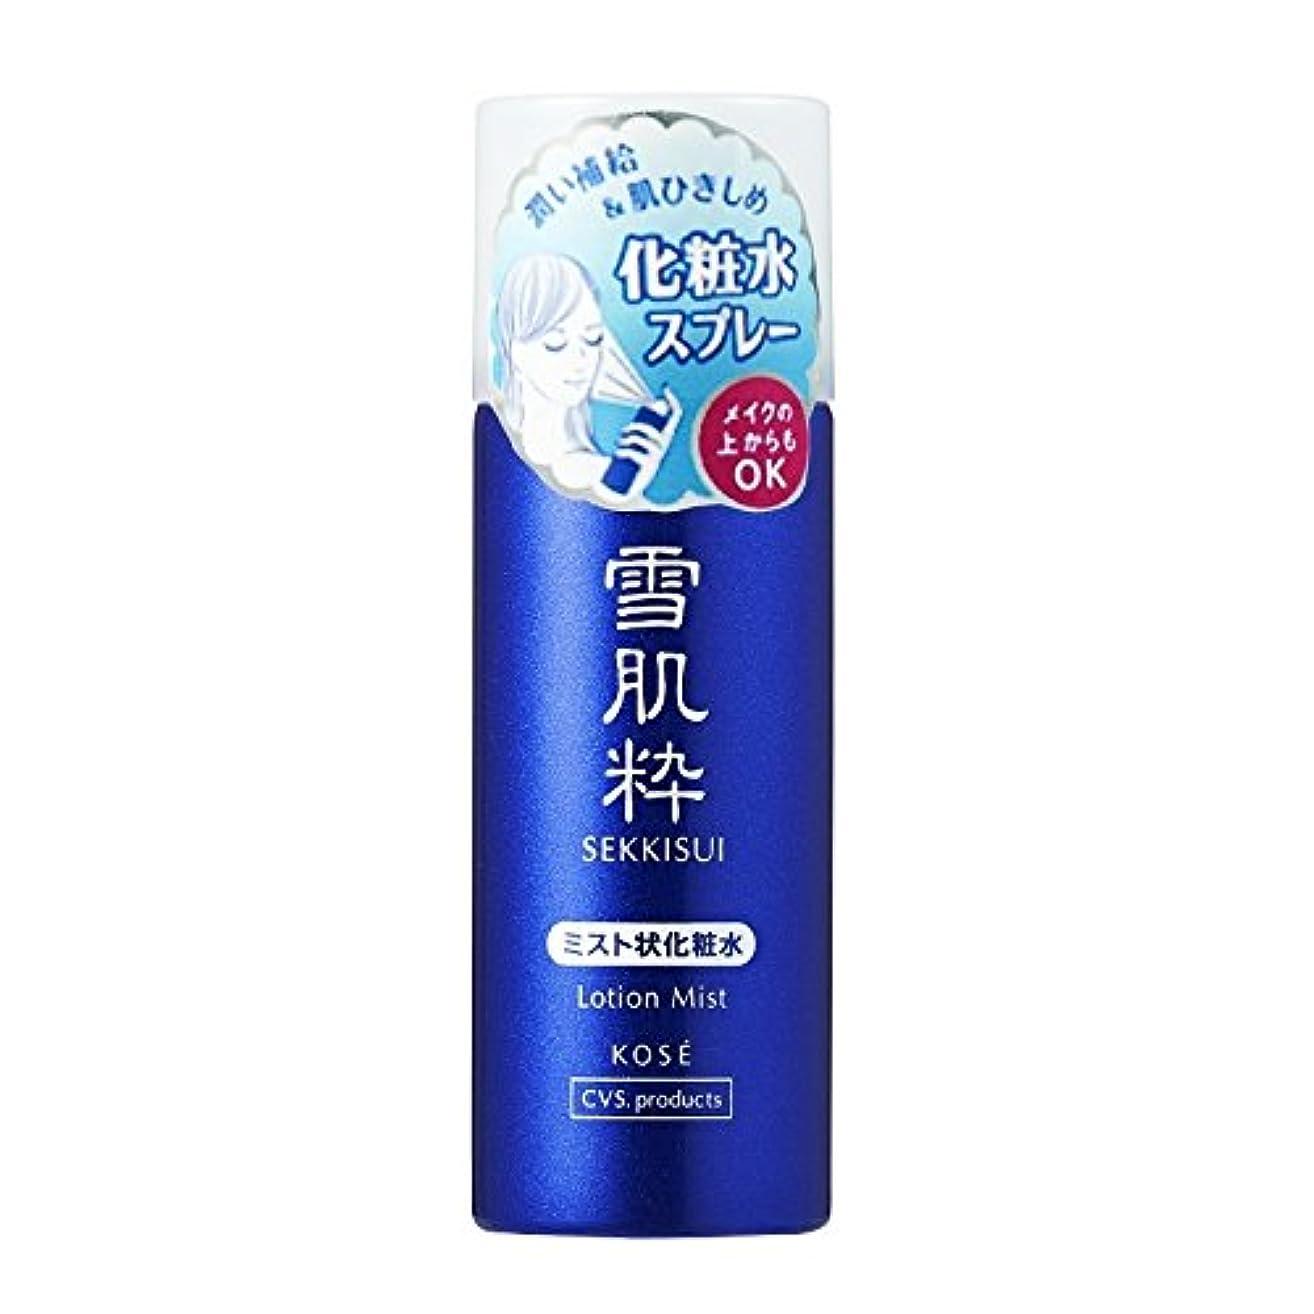 ダンス物理的などうやらコーセー 雪肌粋 化粧水ミスト 35g×3本